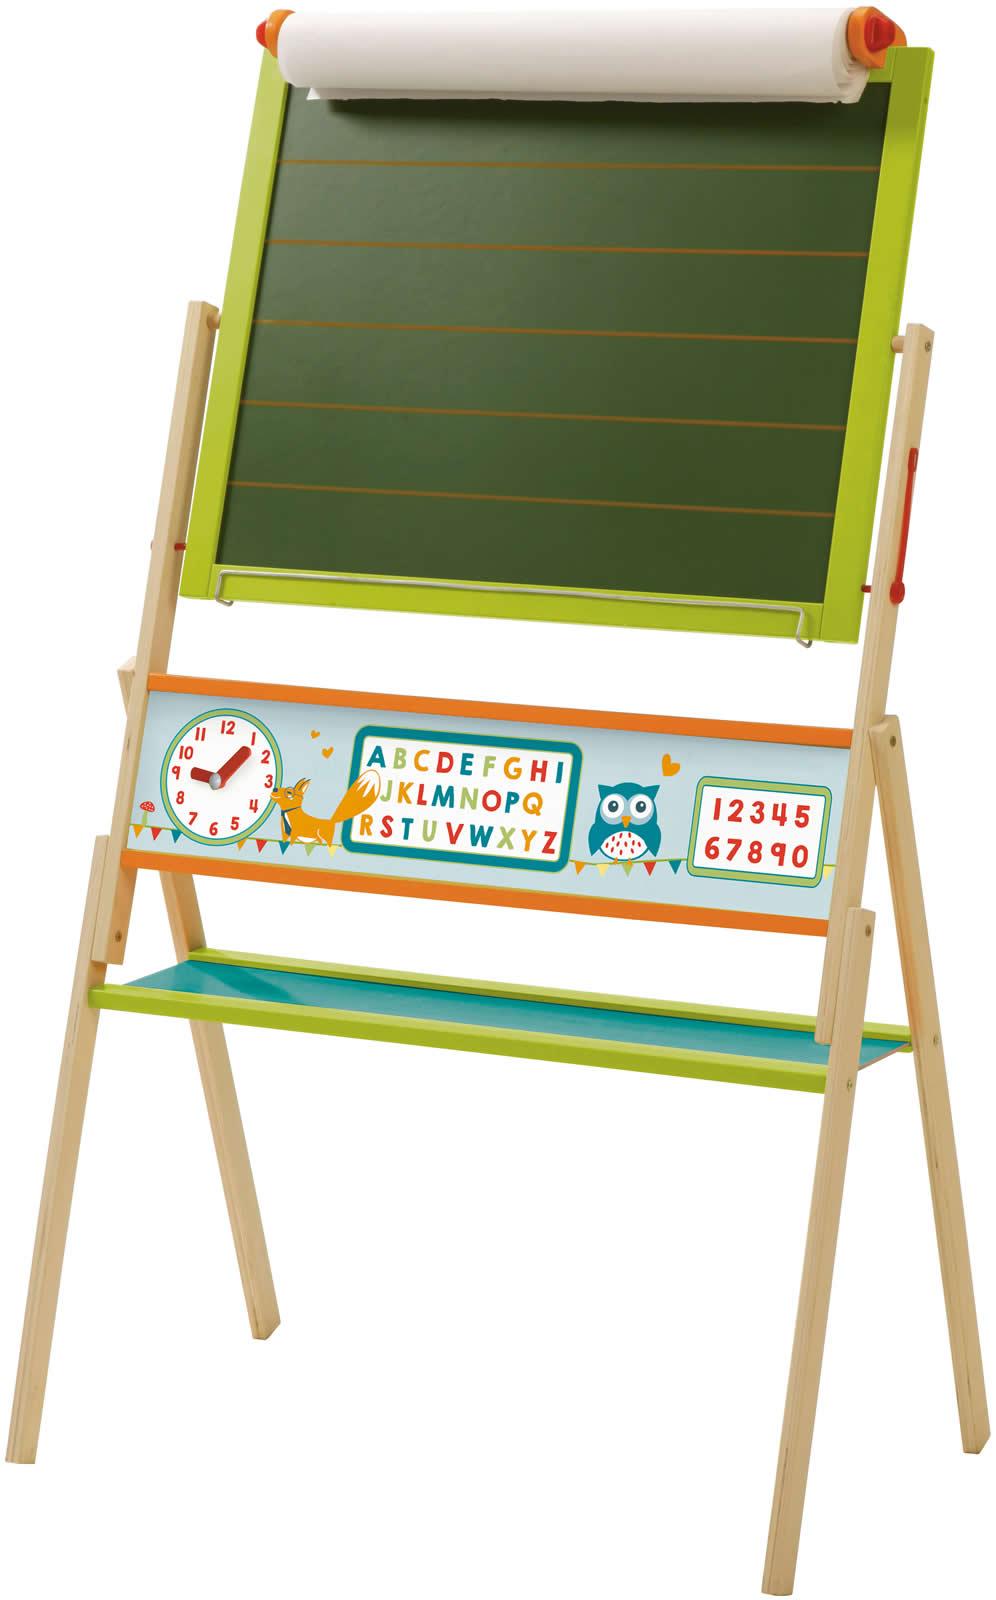 roba kinder standtafel tafel kreidetafel liniert magnettafel magnetisch holz ebay. Black Bedroom Furniture Sets. Home Design Ideas